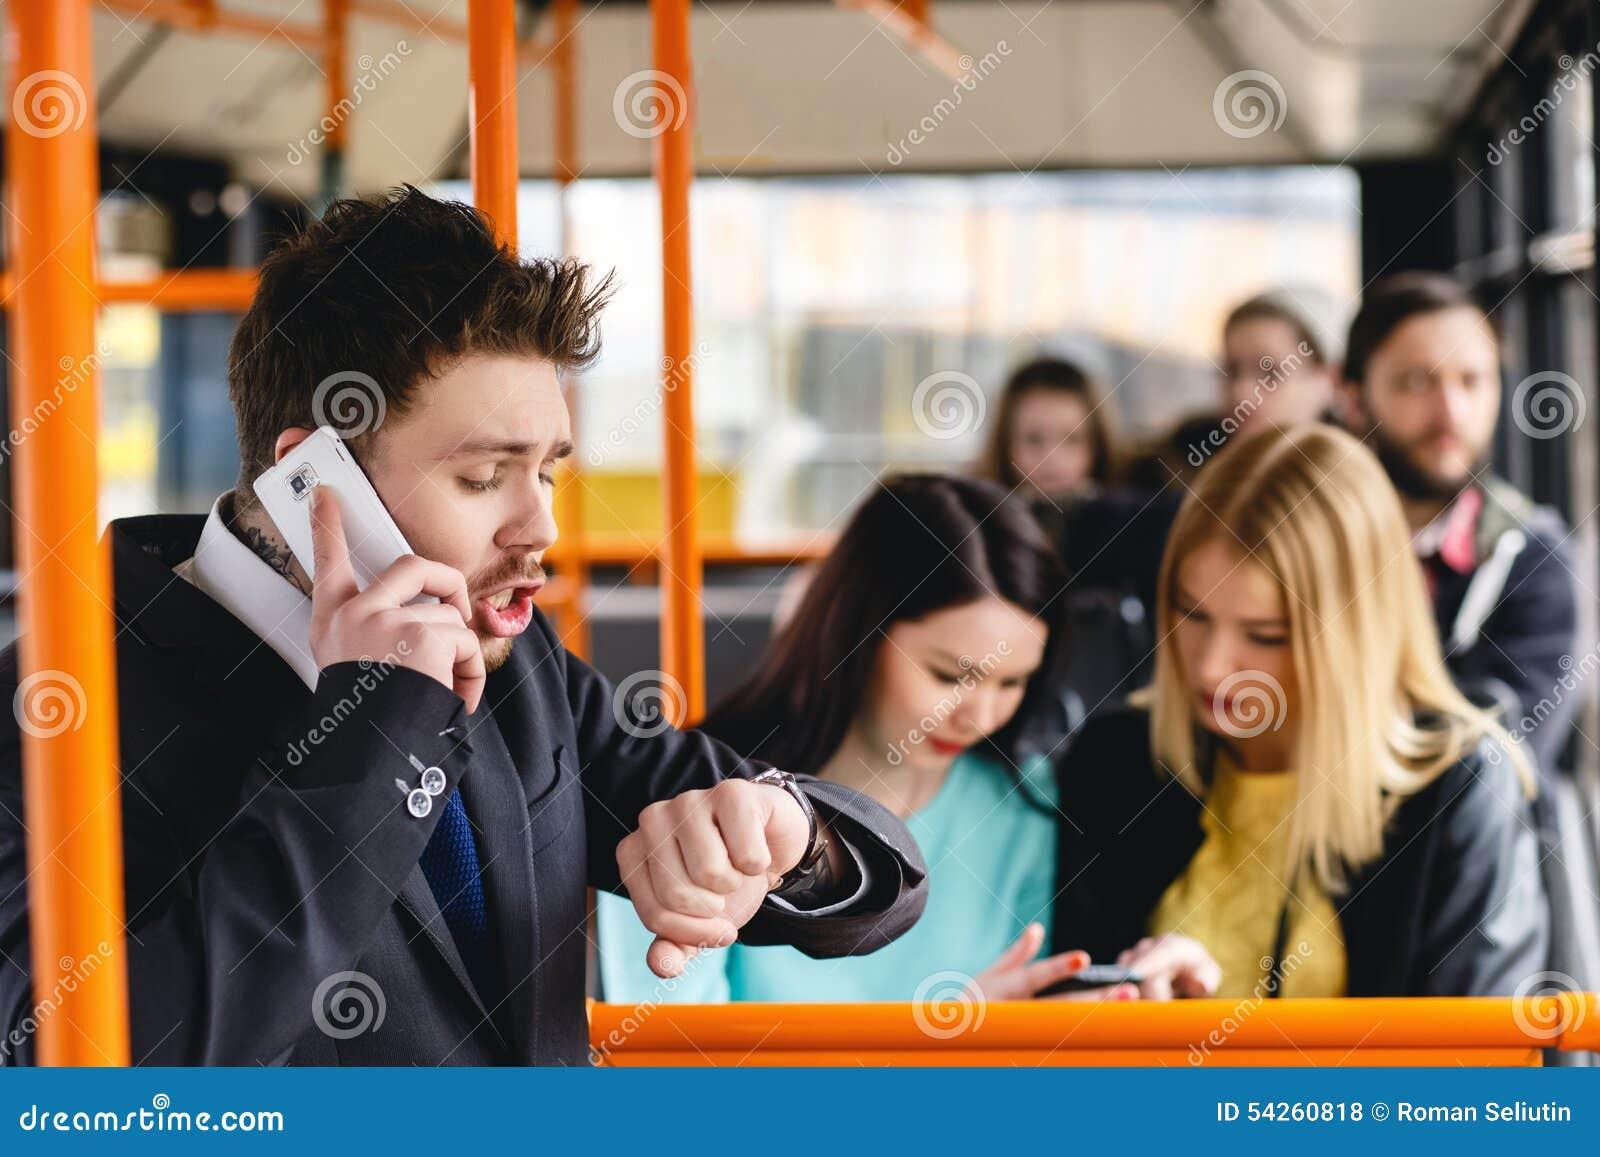 Uomo che parla sul telefono cellulare, trasporto pubblico